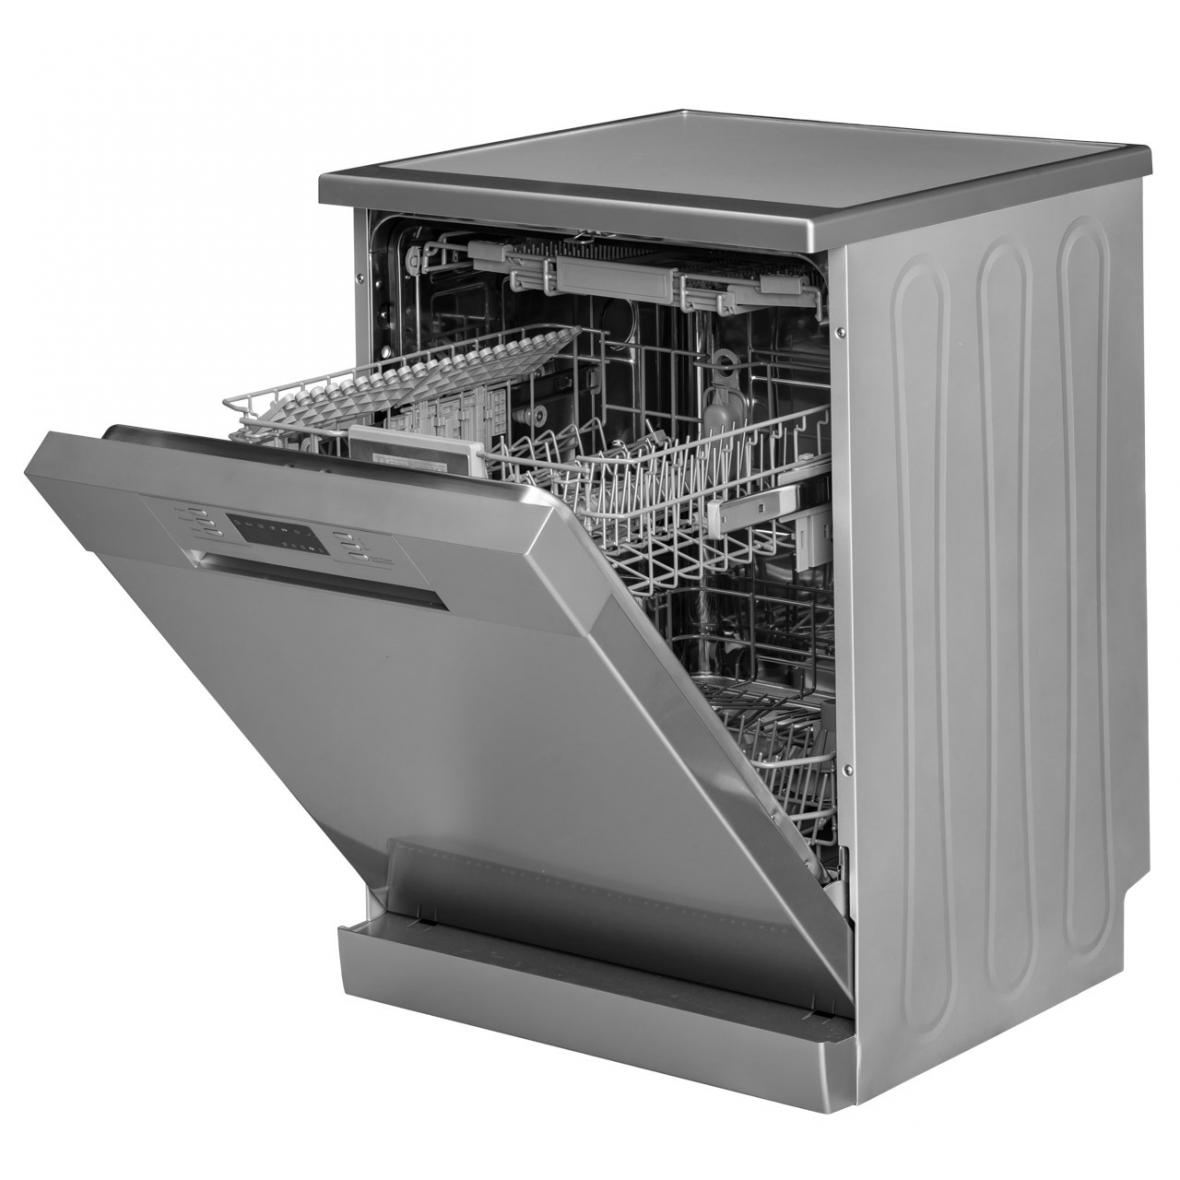 مواردی که بهتر است در ماشین ظرف شویی بشوییم